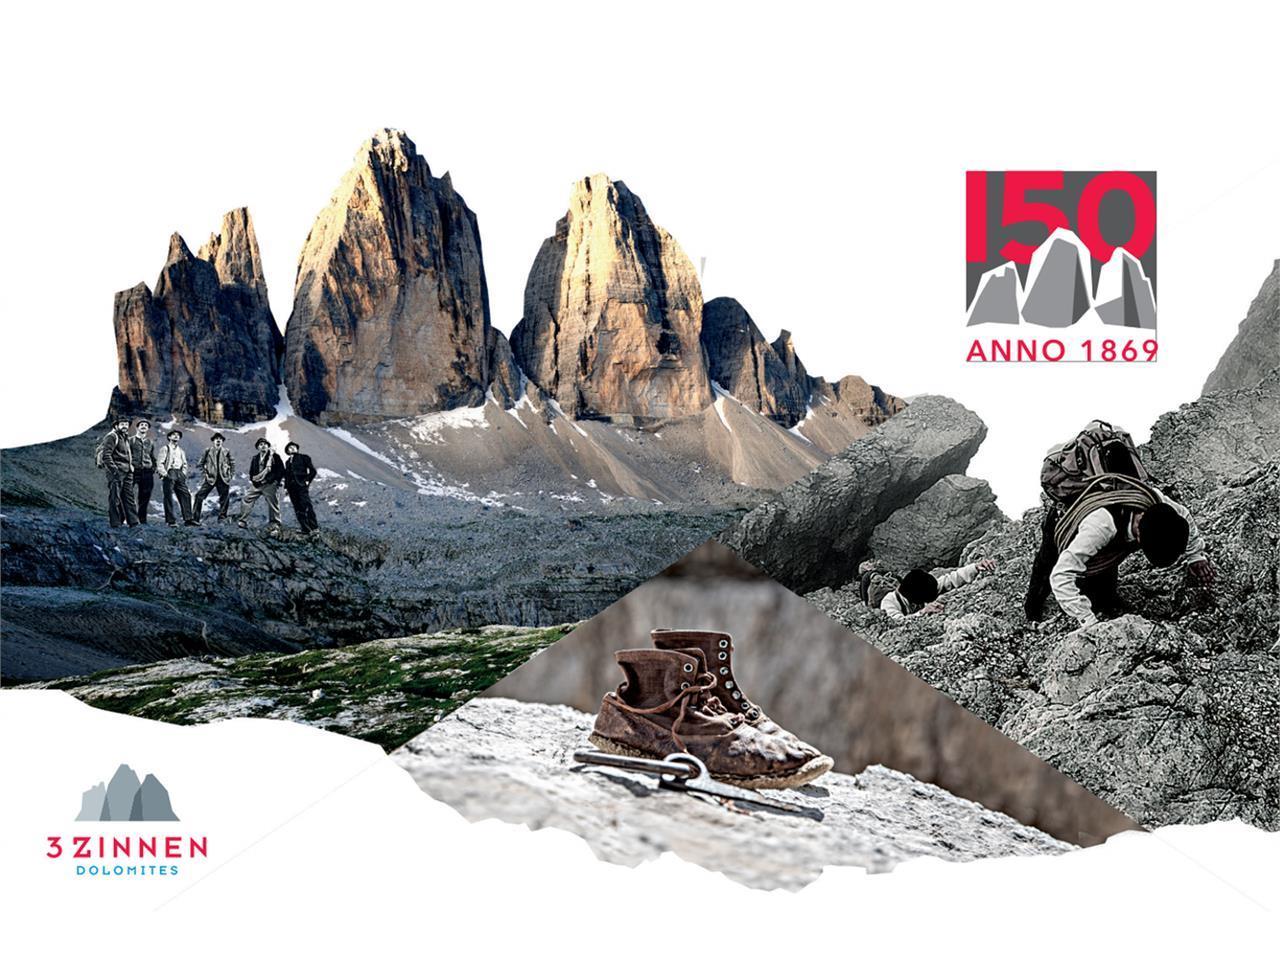 ANNO 1869: Conferenza e proiezione film - preludio anno del giubileo 2019